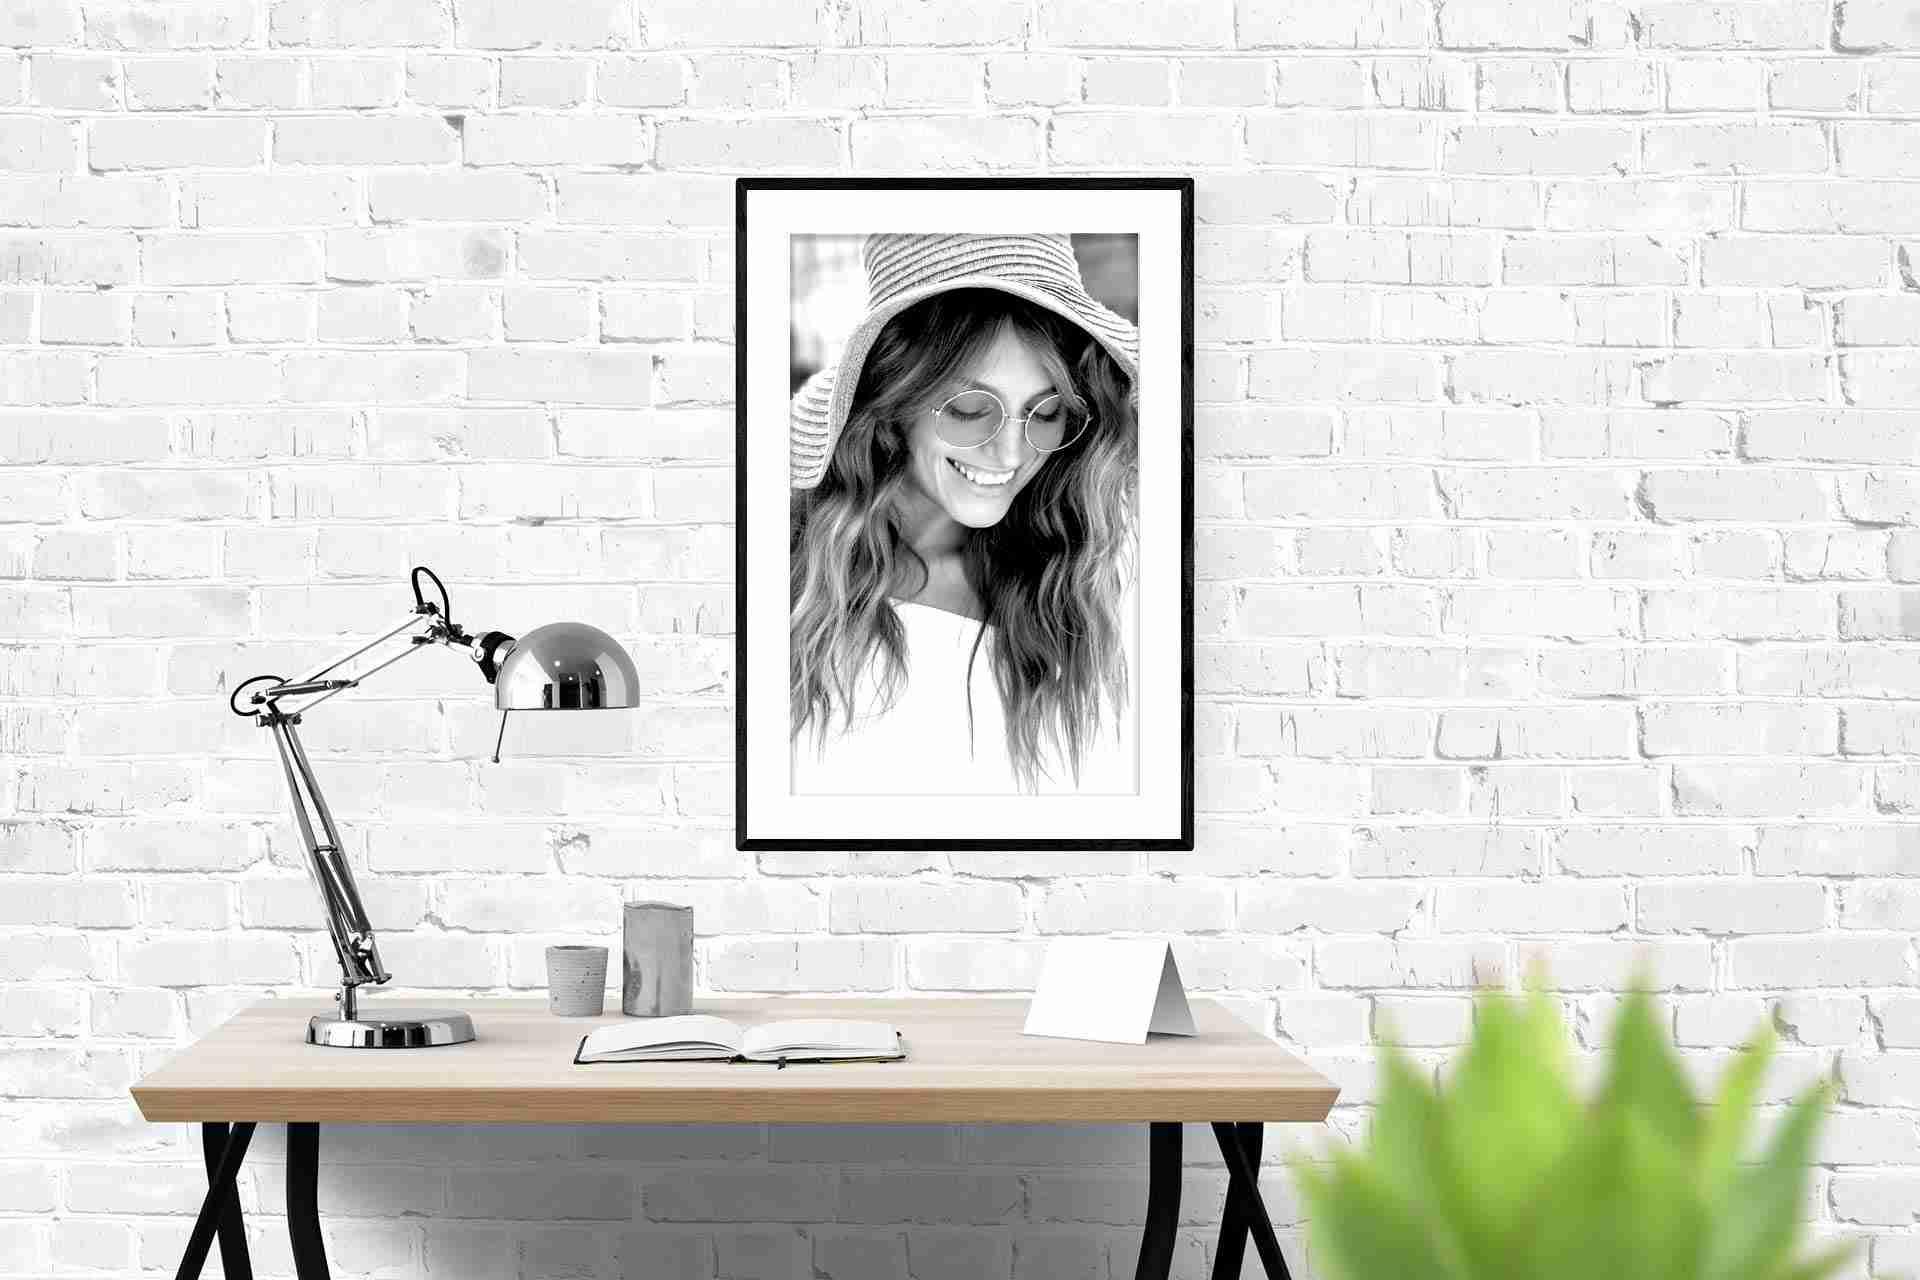 A1-Framed-Poster-Print-v2-2.jpg